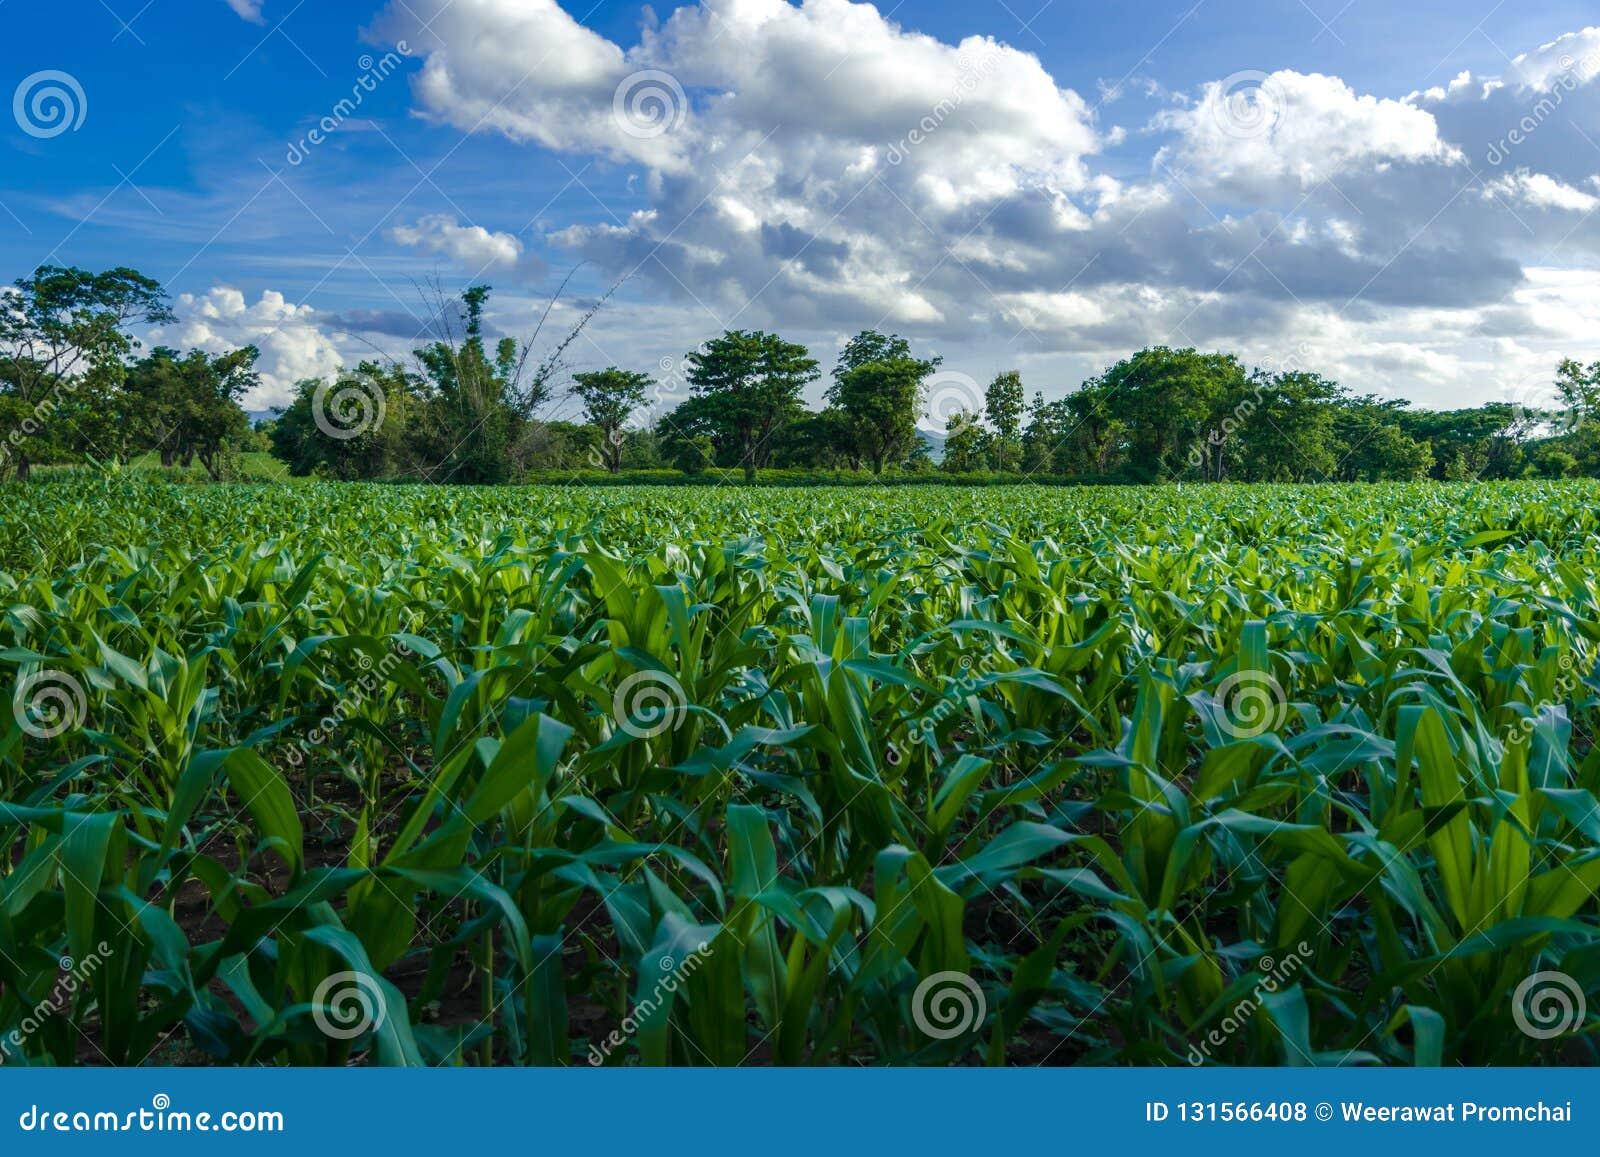 Maisbauernhof und klarer blauer Himmel